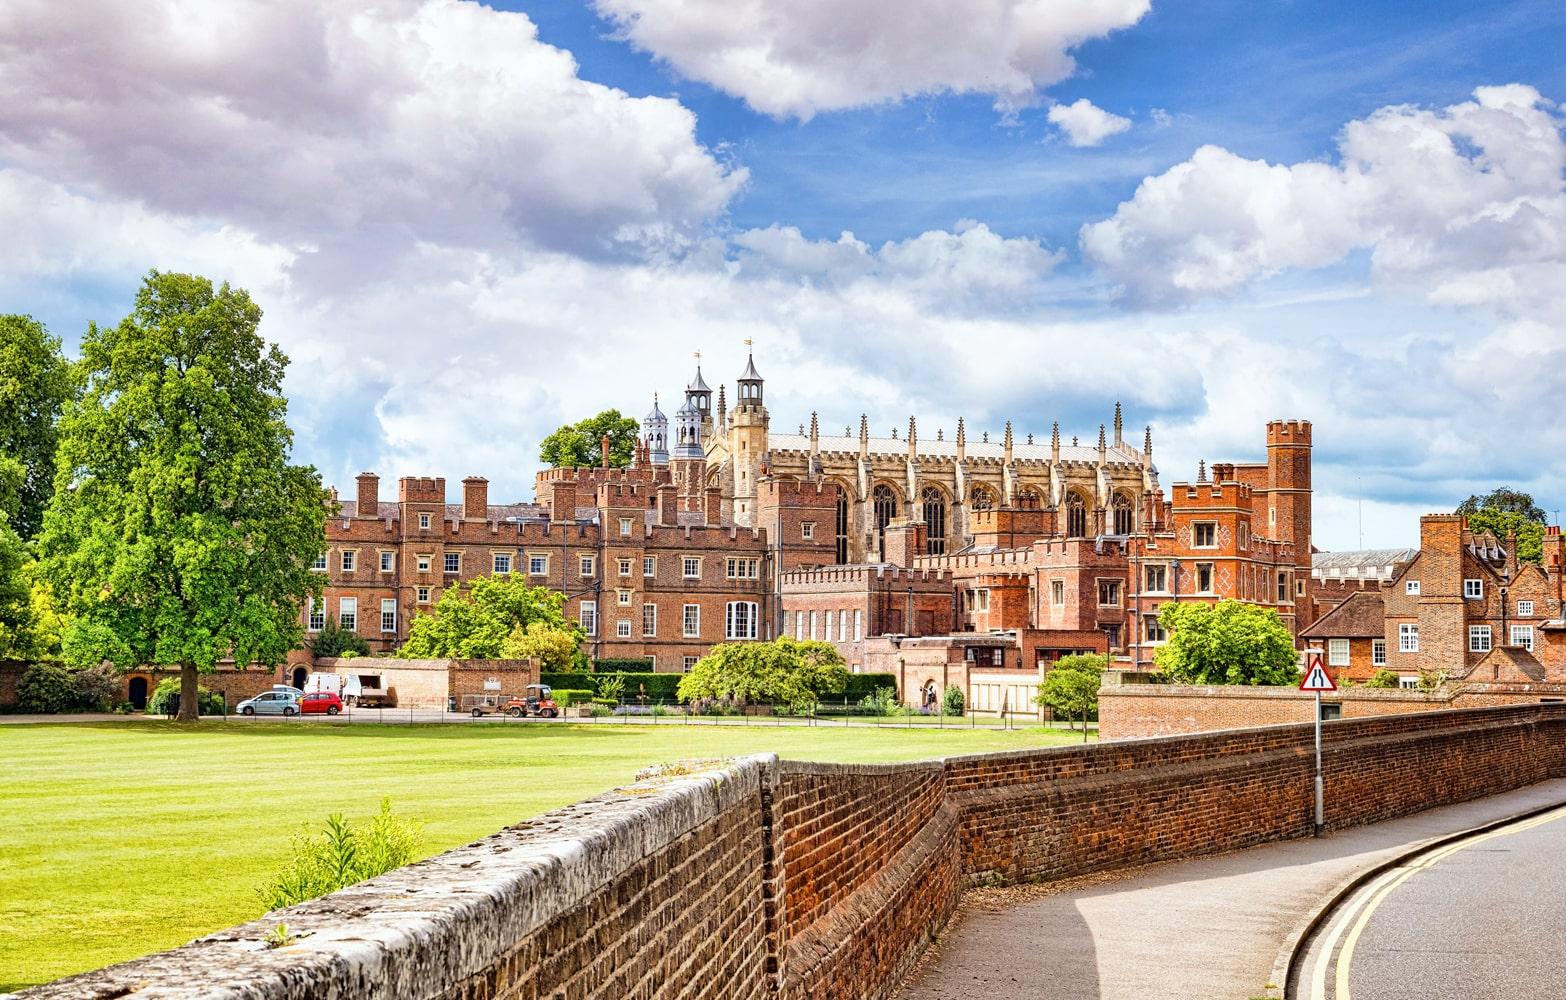 Estudiar en internados públicos o privados en Inglaterra